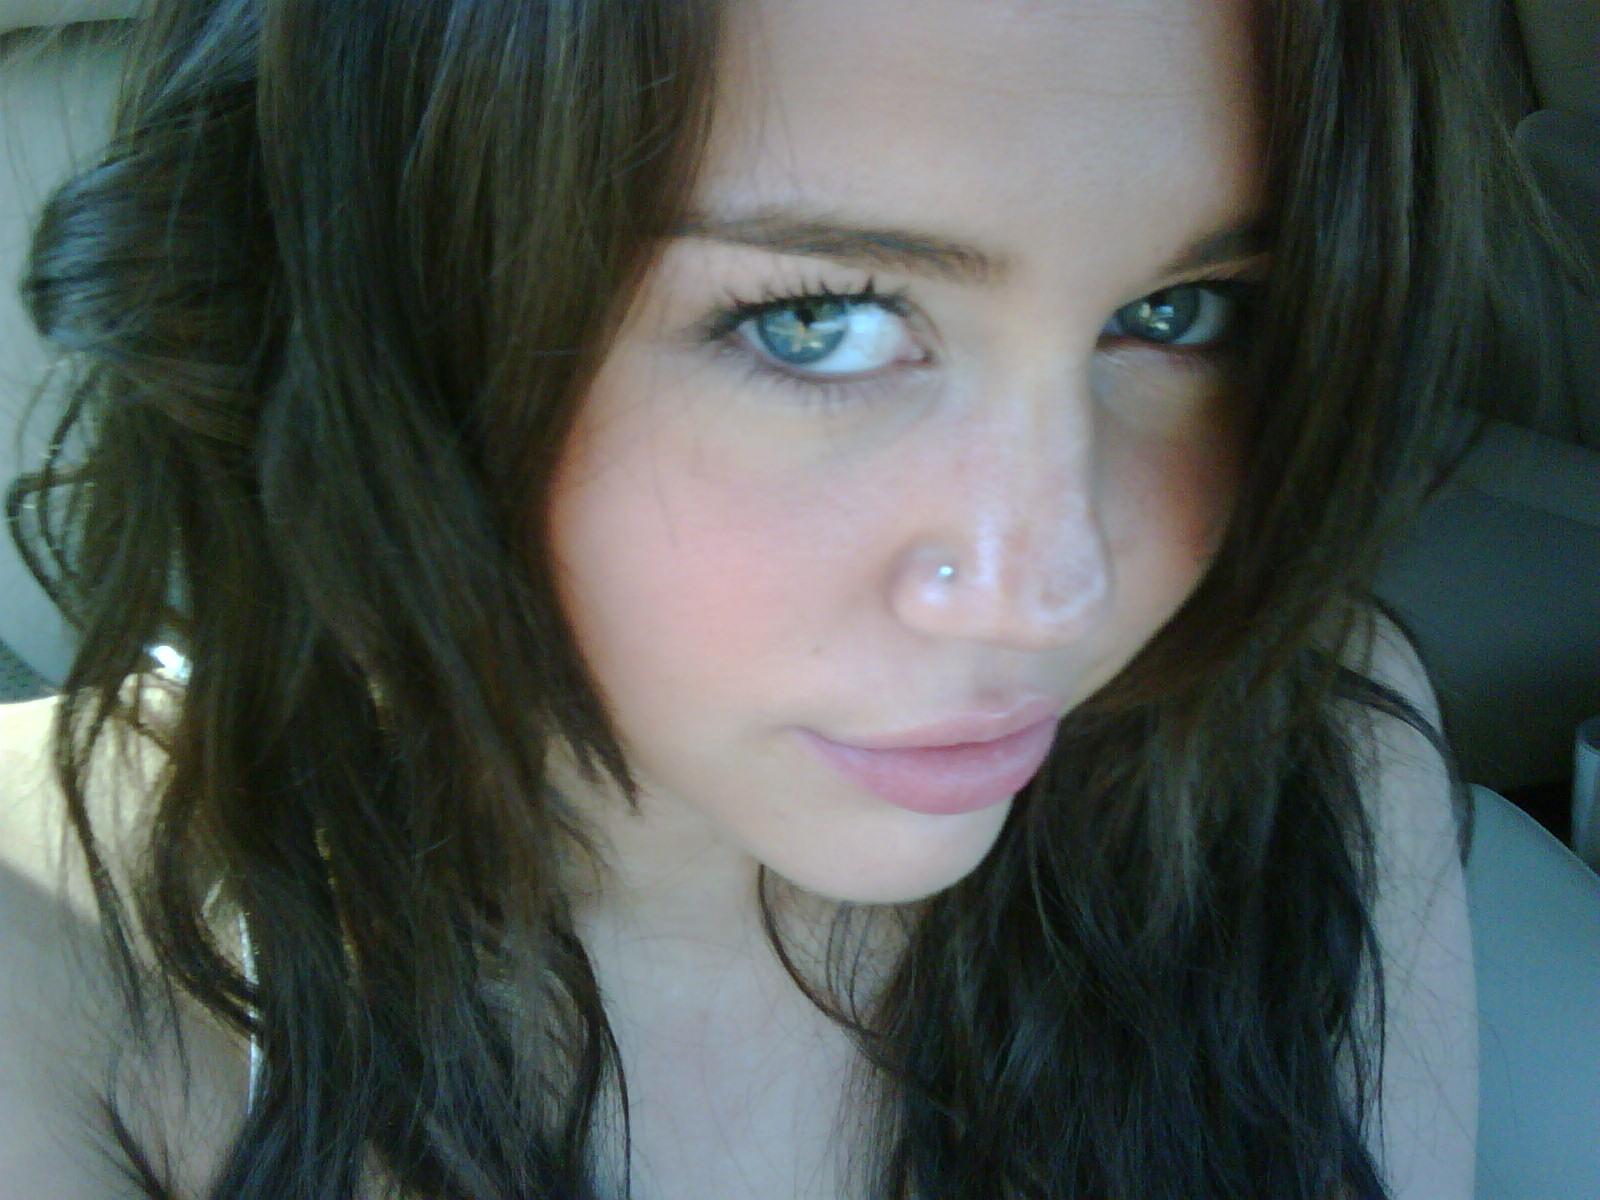 Miley Cyrus Nose Piercing